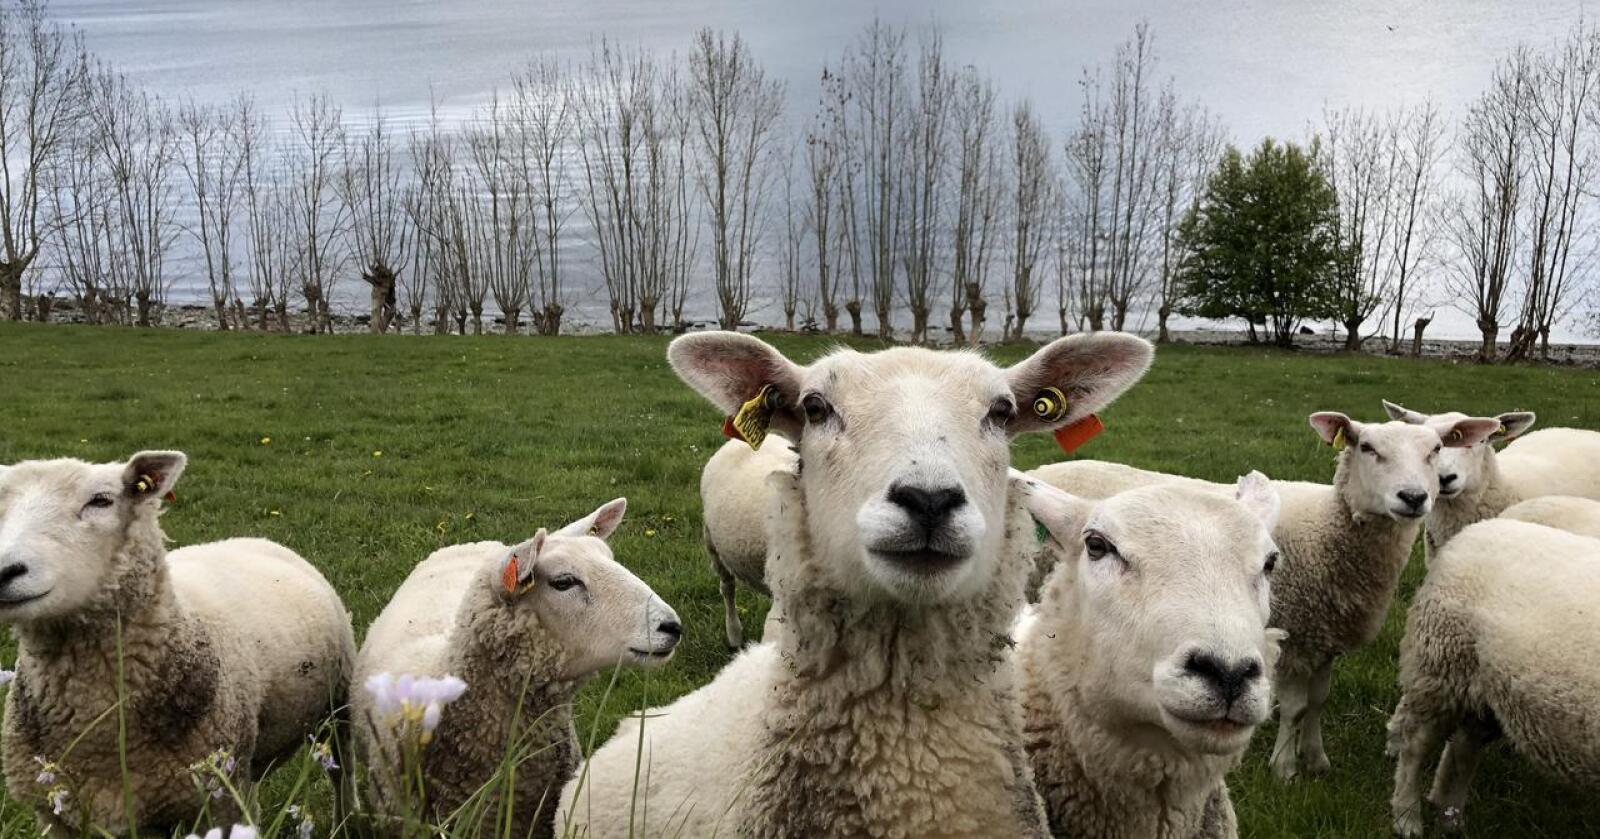 Hardt pressa: Økonomien i sauenæringa er spesielt dramatisk. Ifølge referansebruket har et sauebruk på Vestlandet med 142 vinterfôra sauer ei inntekt på 191500 kroner, skriver Kjersti Hoff. (Foto: Karl Erik Berge)